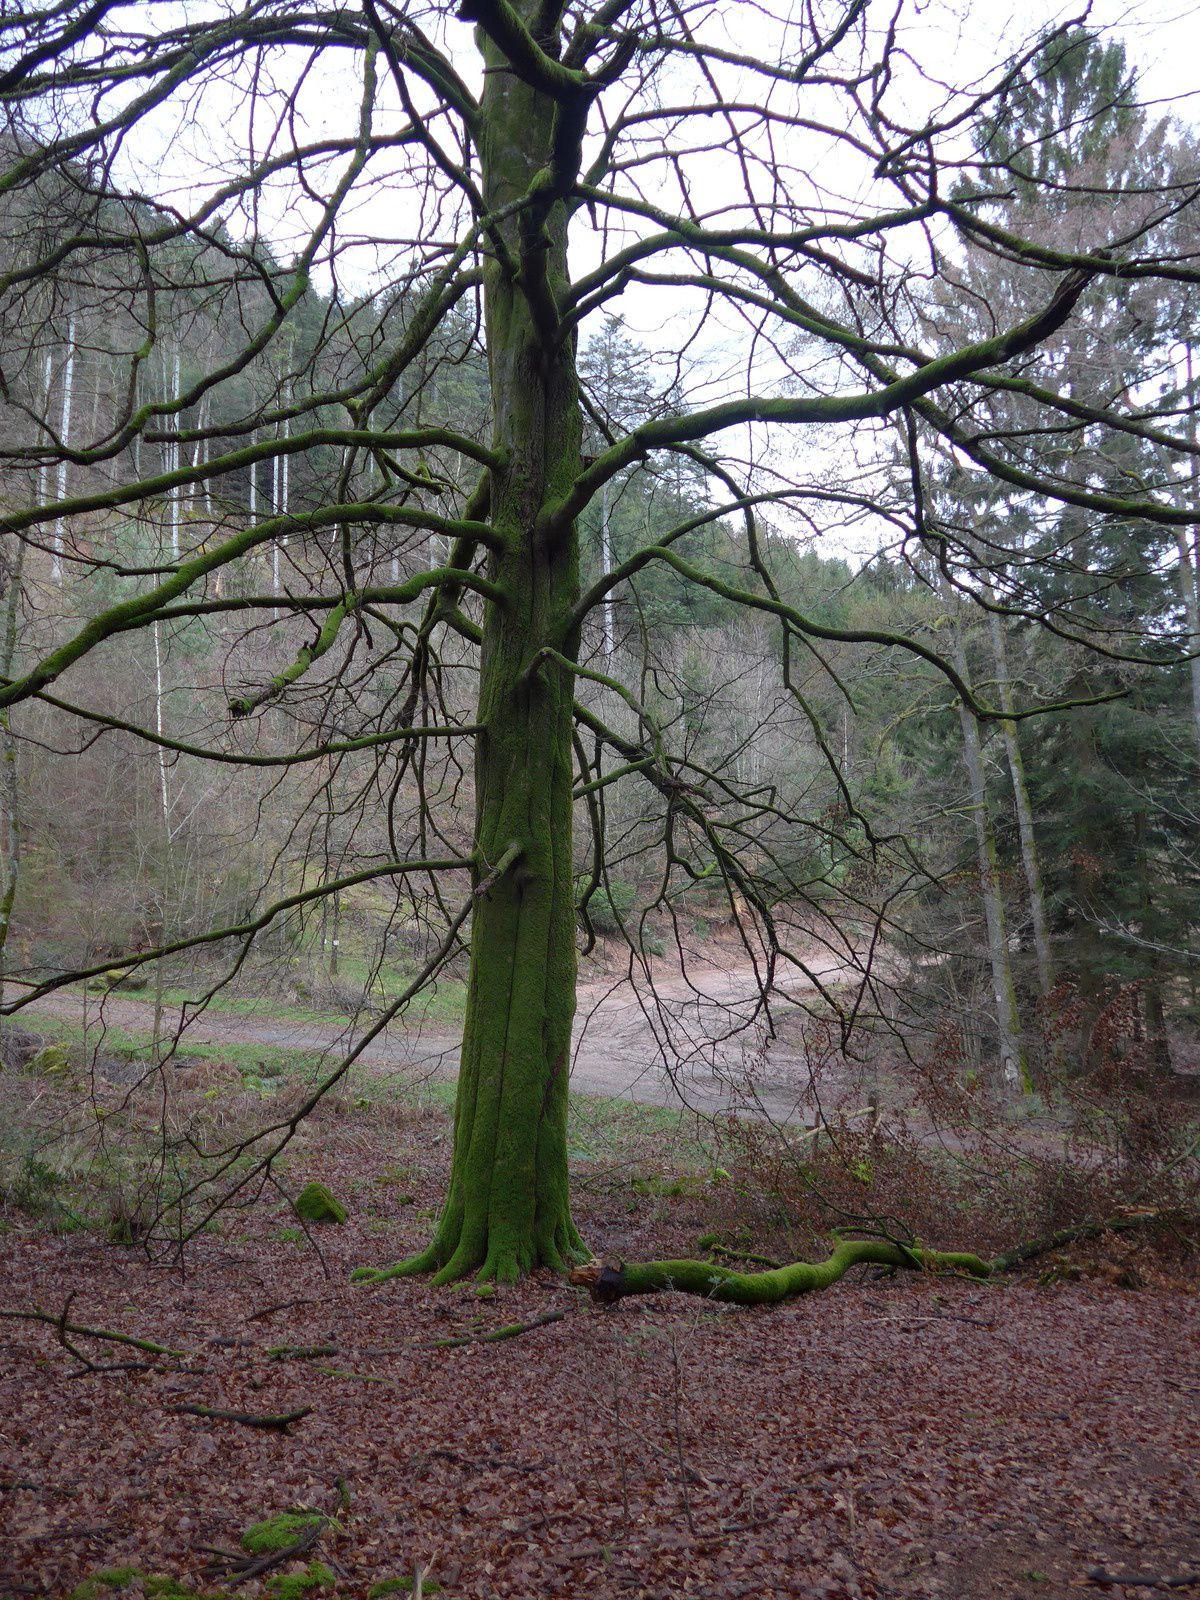 Grendelbruch le purpurkopf - Mousse sur les arbres ...